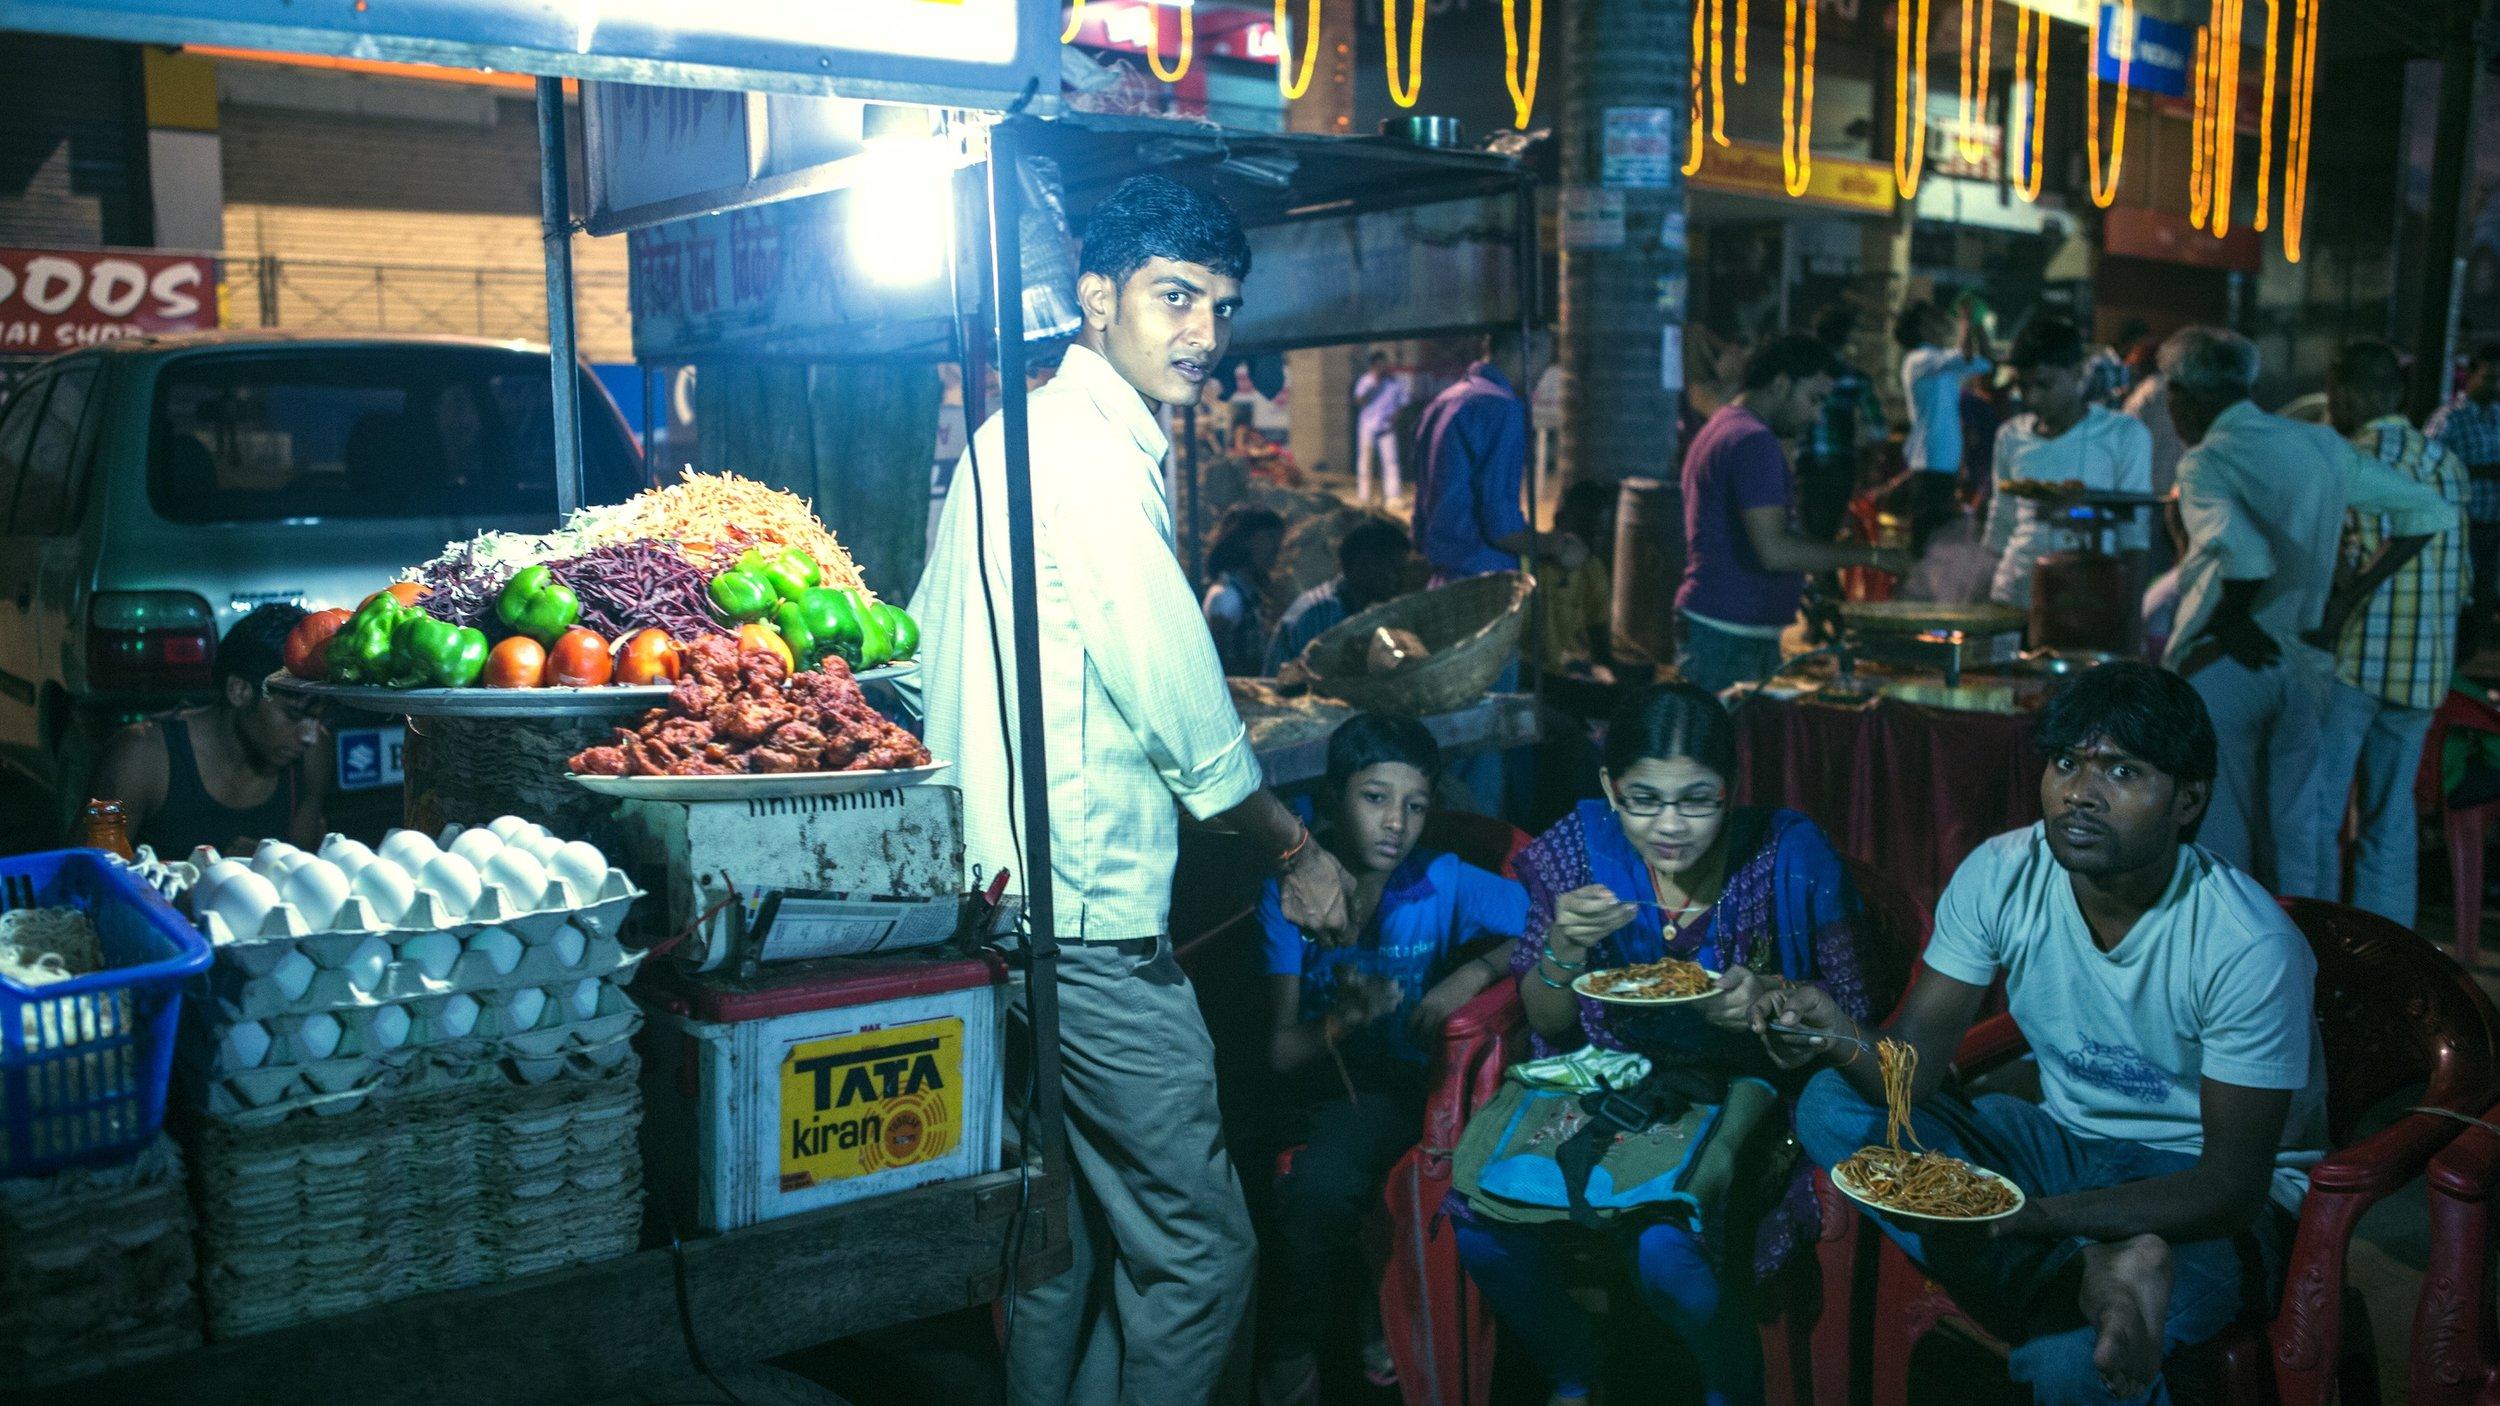 people eating food at festival.jpg